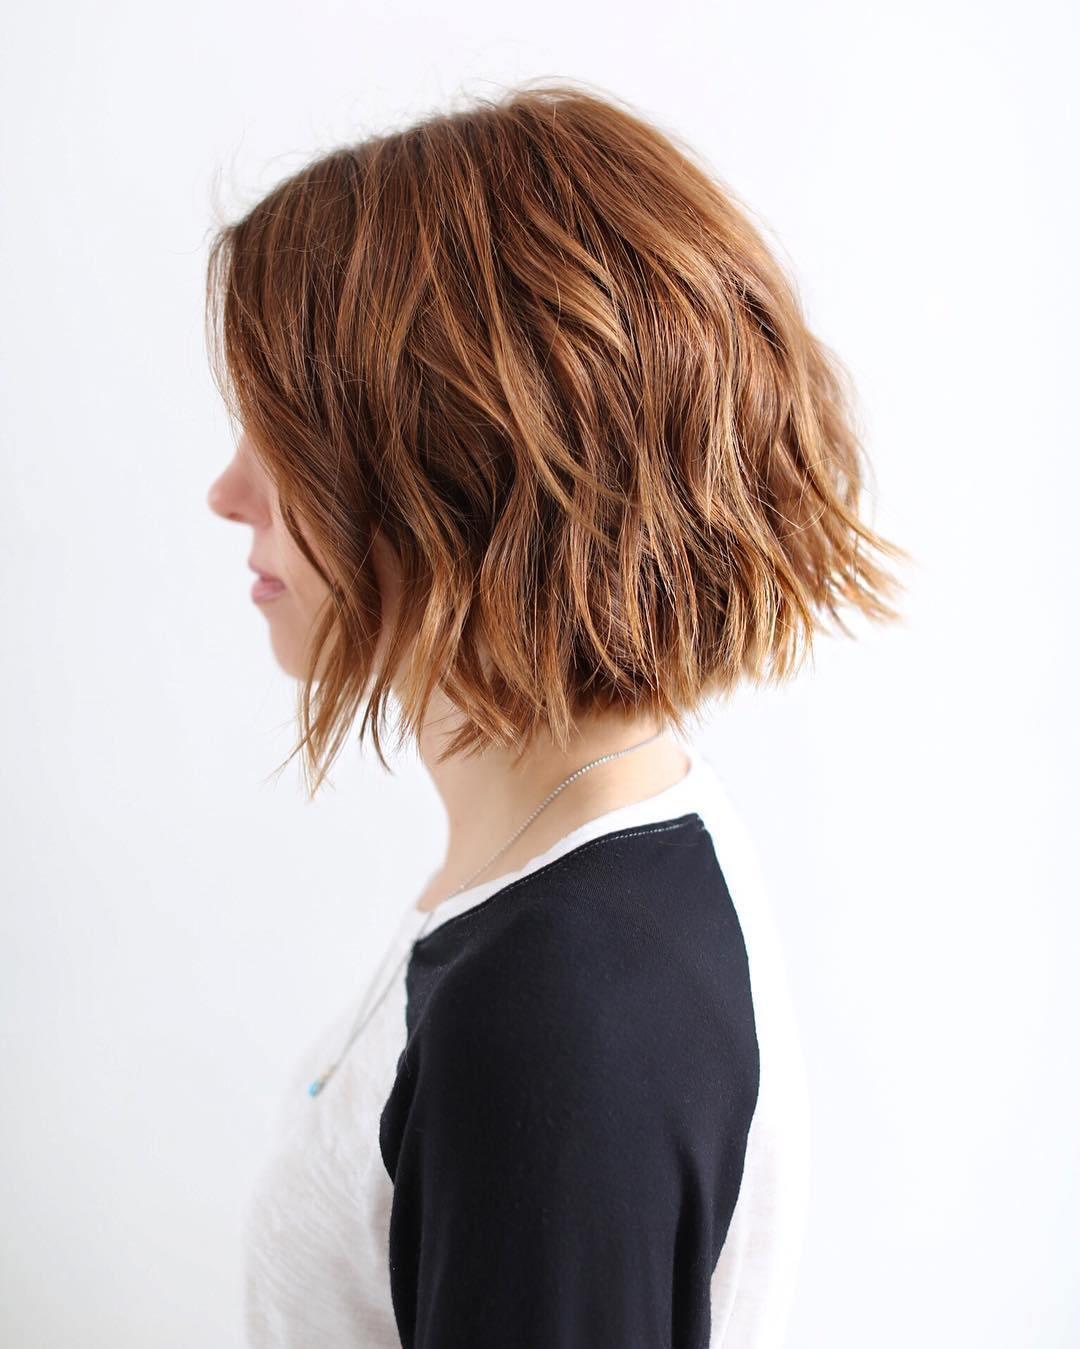 cheveux volumineux avec une coiffure ondulée sur cheveux chatain clair, idée de coiffure de tous les jours